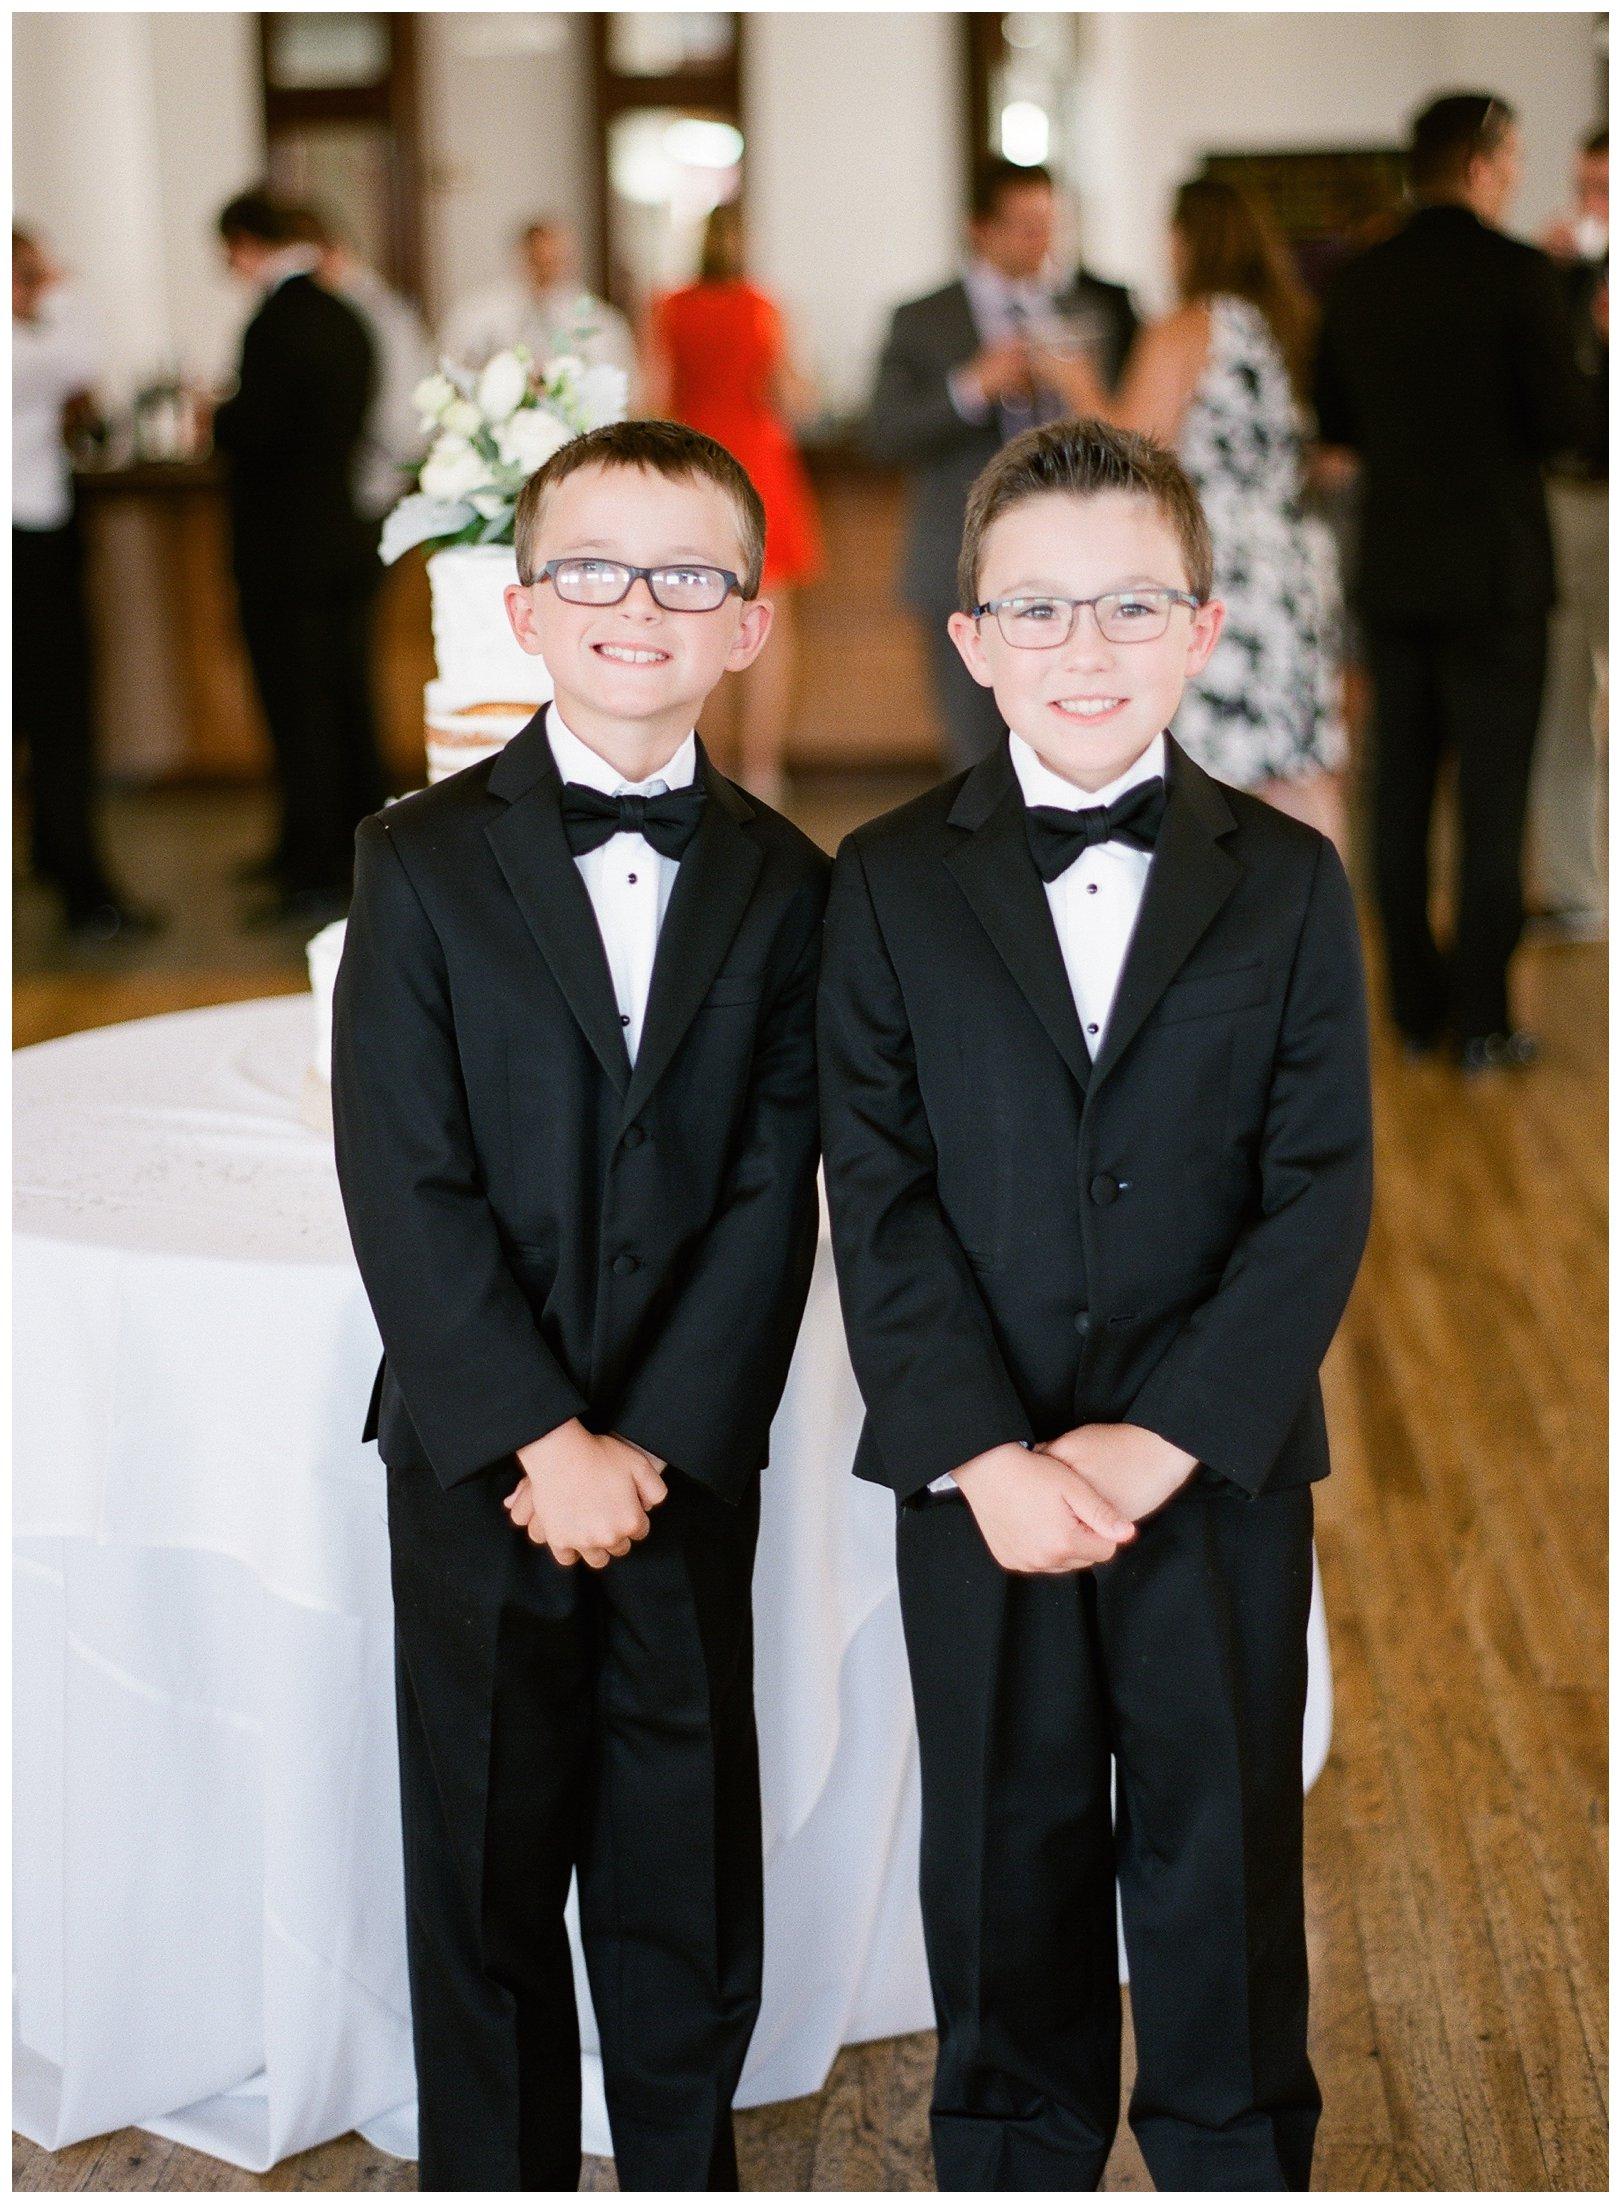 lauren muckler photography_fine art film wedding photography_st louis_photography_1326.jpg